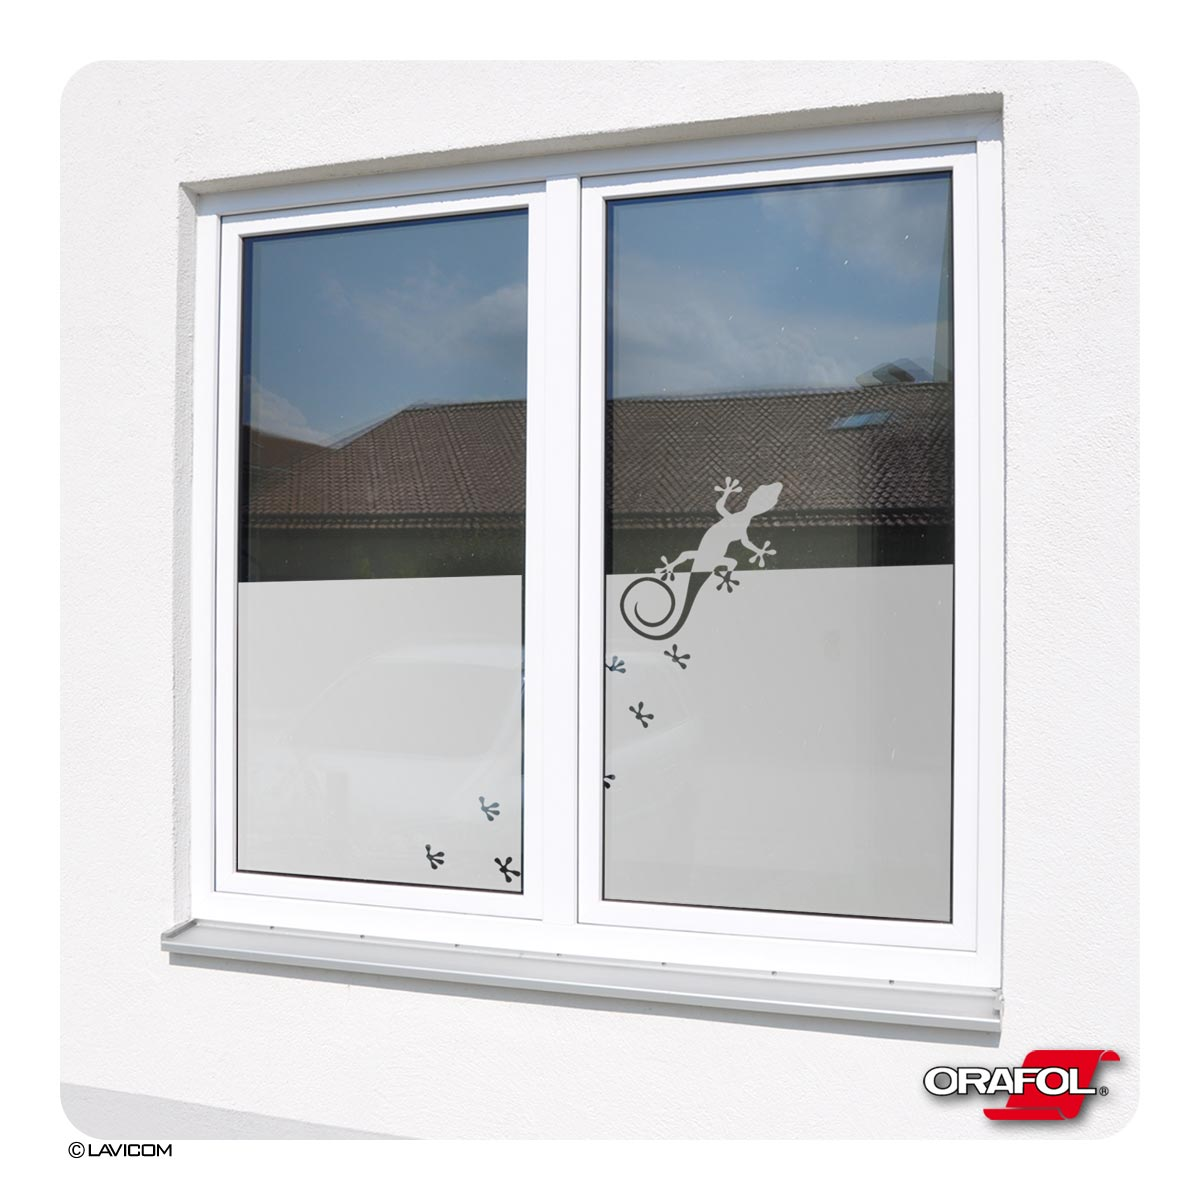 Gecko glasdekorfolie satiniert sonnenschutz fensterbild blickdicht sichtschutz folienkreativ - Fensterfolie mit motiv ...